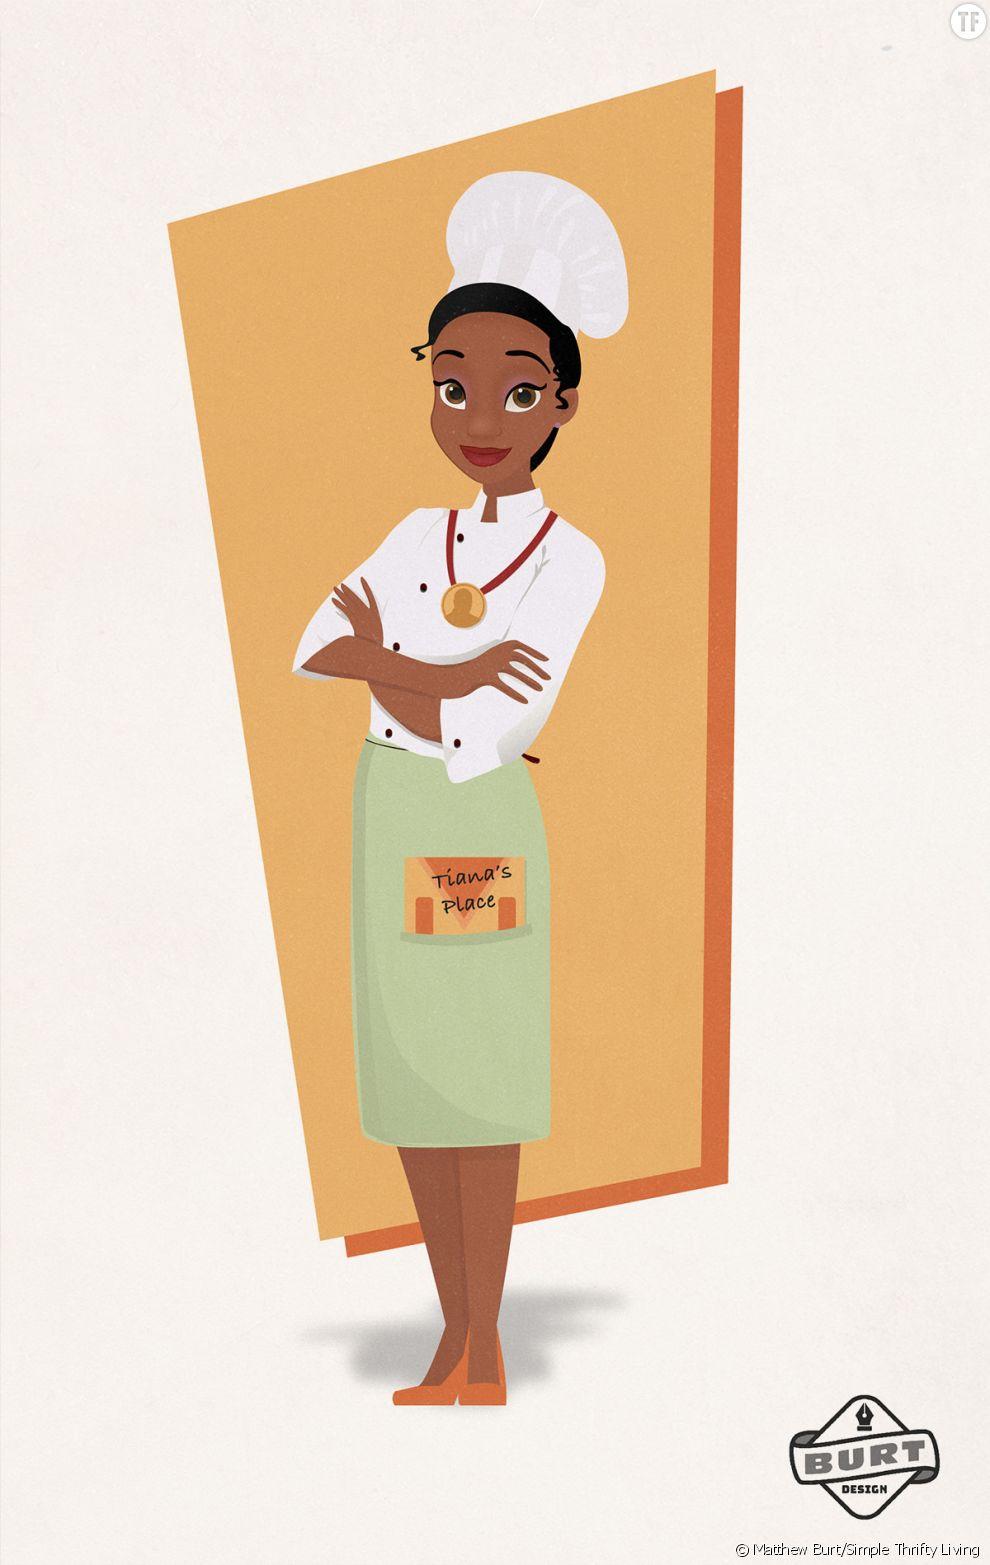 Tiana est devenu une cheffe cuisinière renommée et récompensée